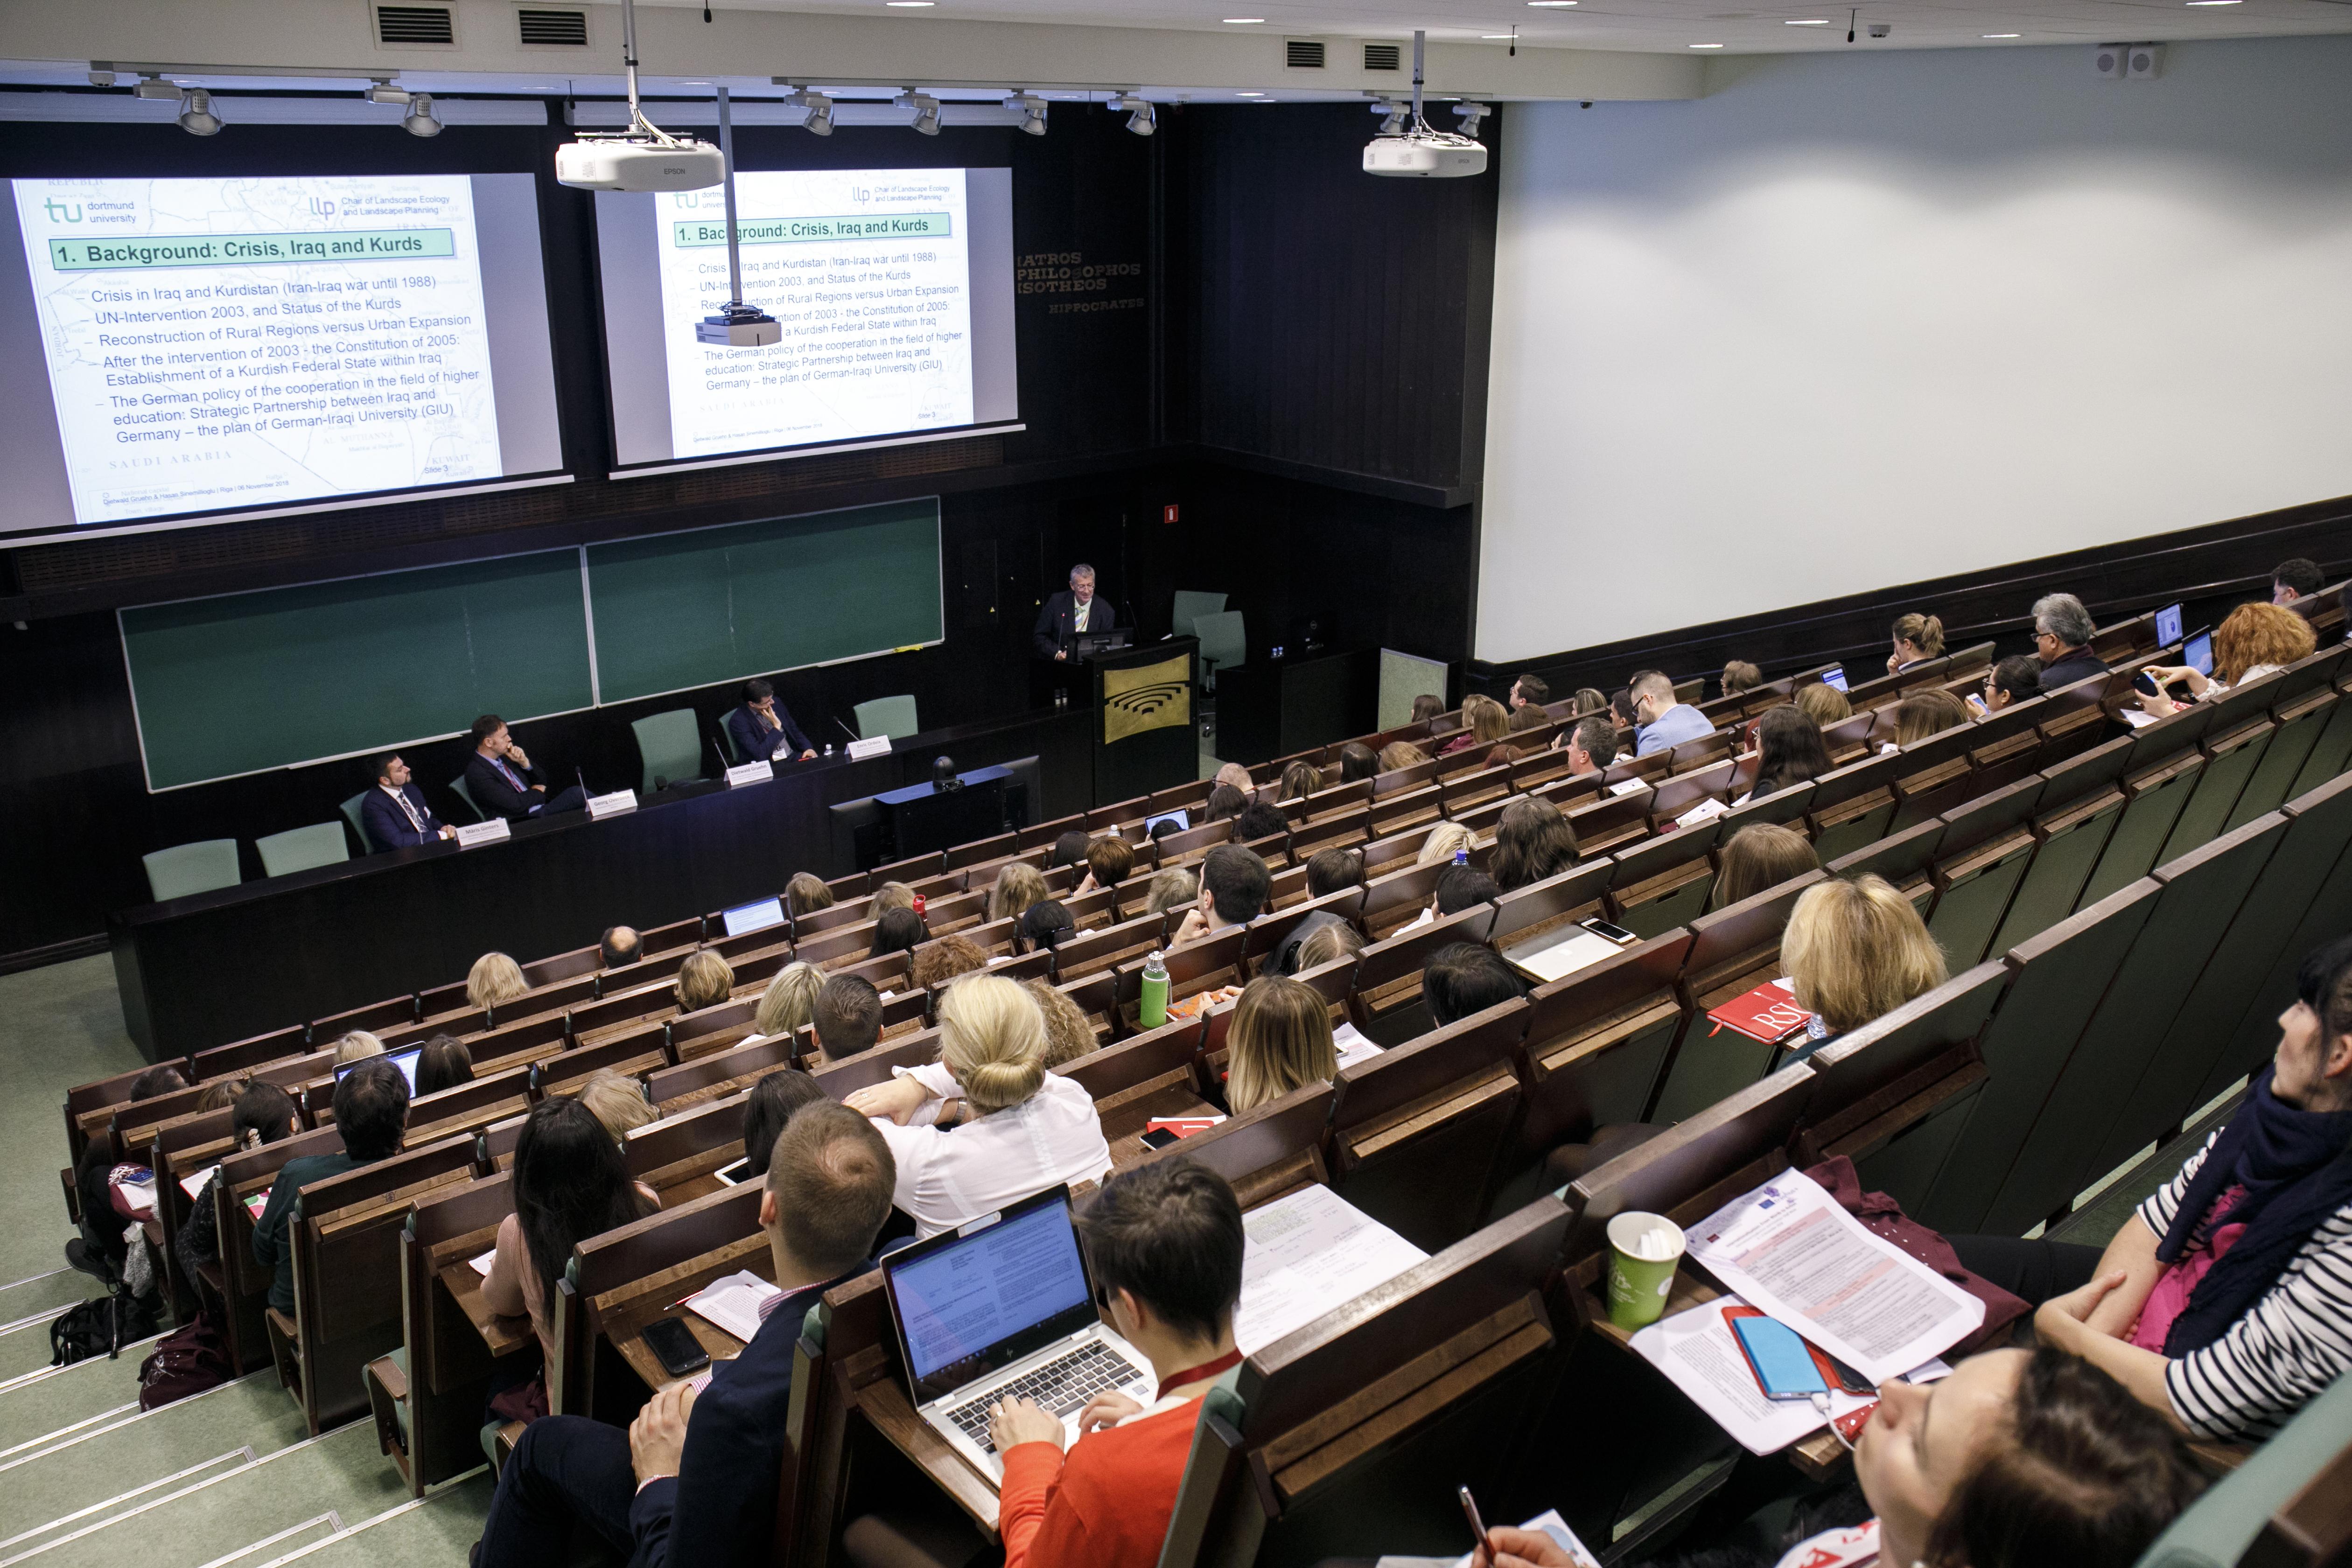 Photo d'une conférence de la semaine dans un amphithéâtre. Des diapositives sont projetées sur le mur, il y a 4 intervenants dont 1 derrière un pupitre. La photo est prise du haut de l'amphithéâtre.